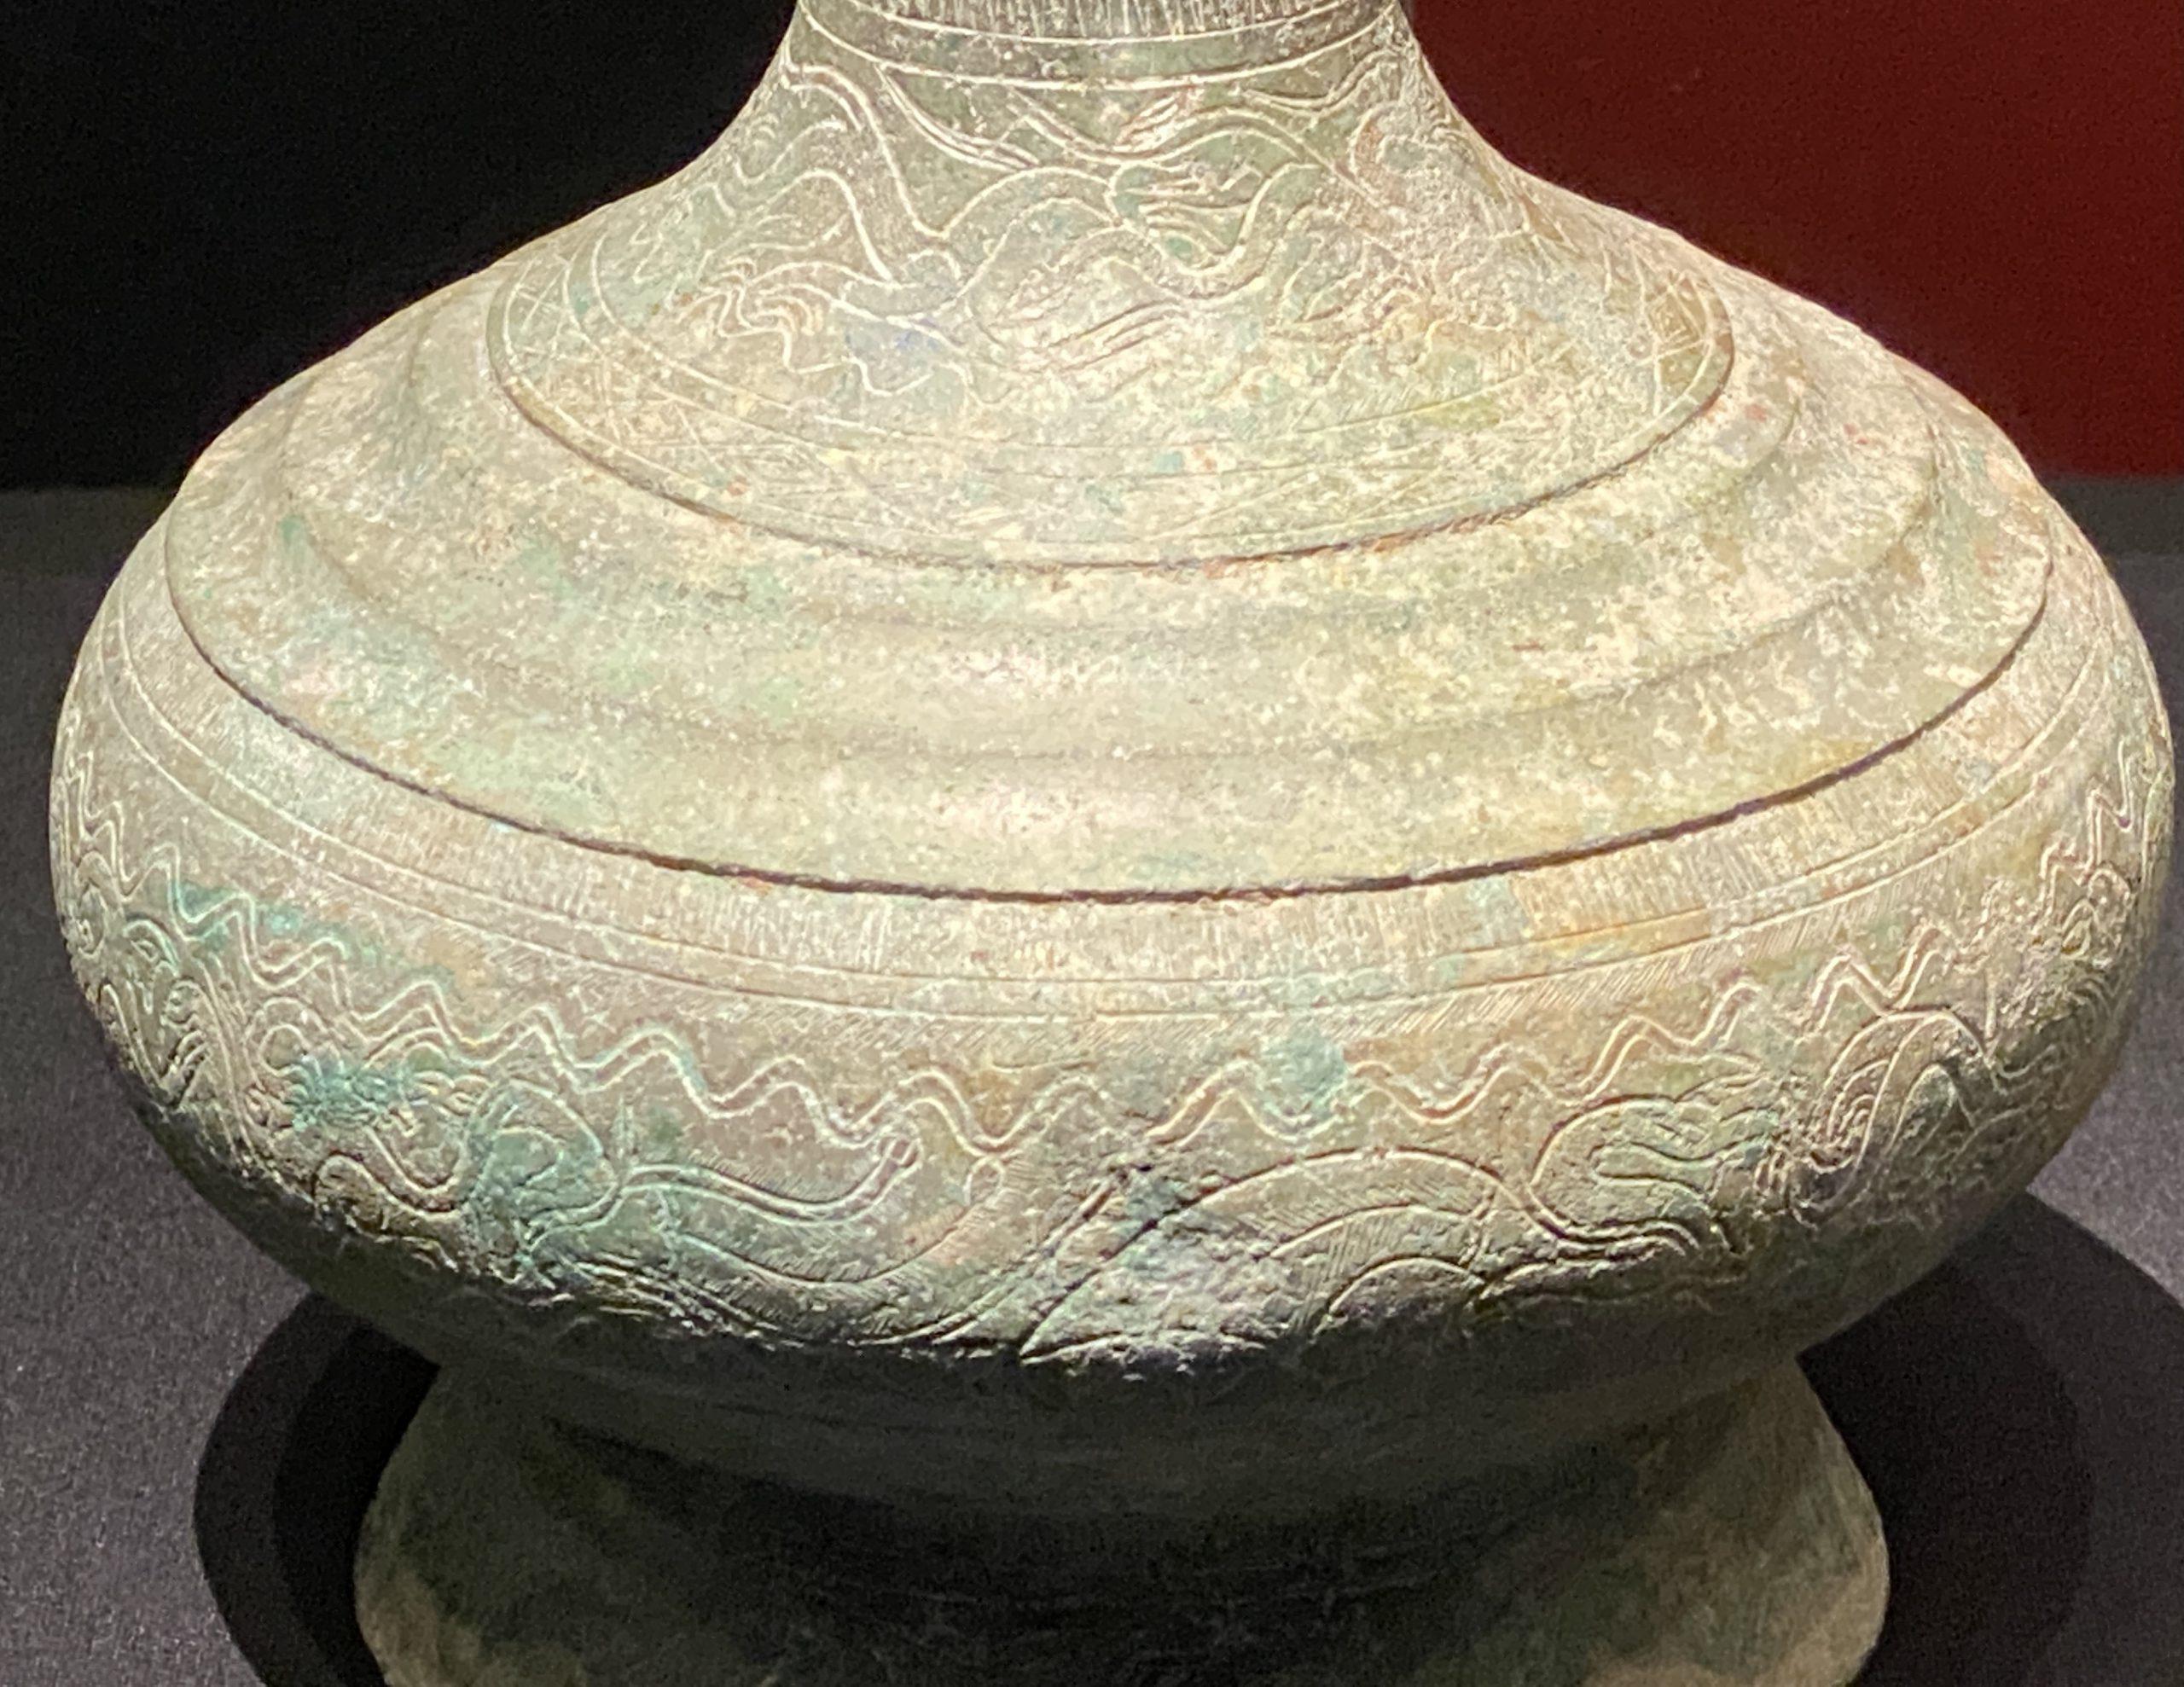 長頚銅壺-【列備五都-秦漢時代の中国都市】-成都博物館-四川成都